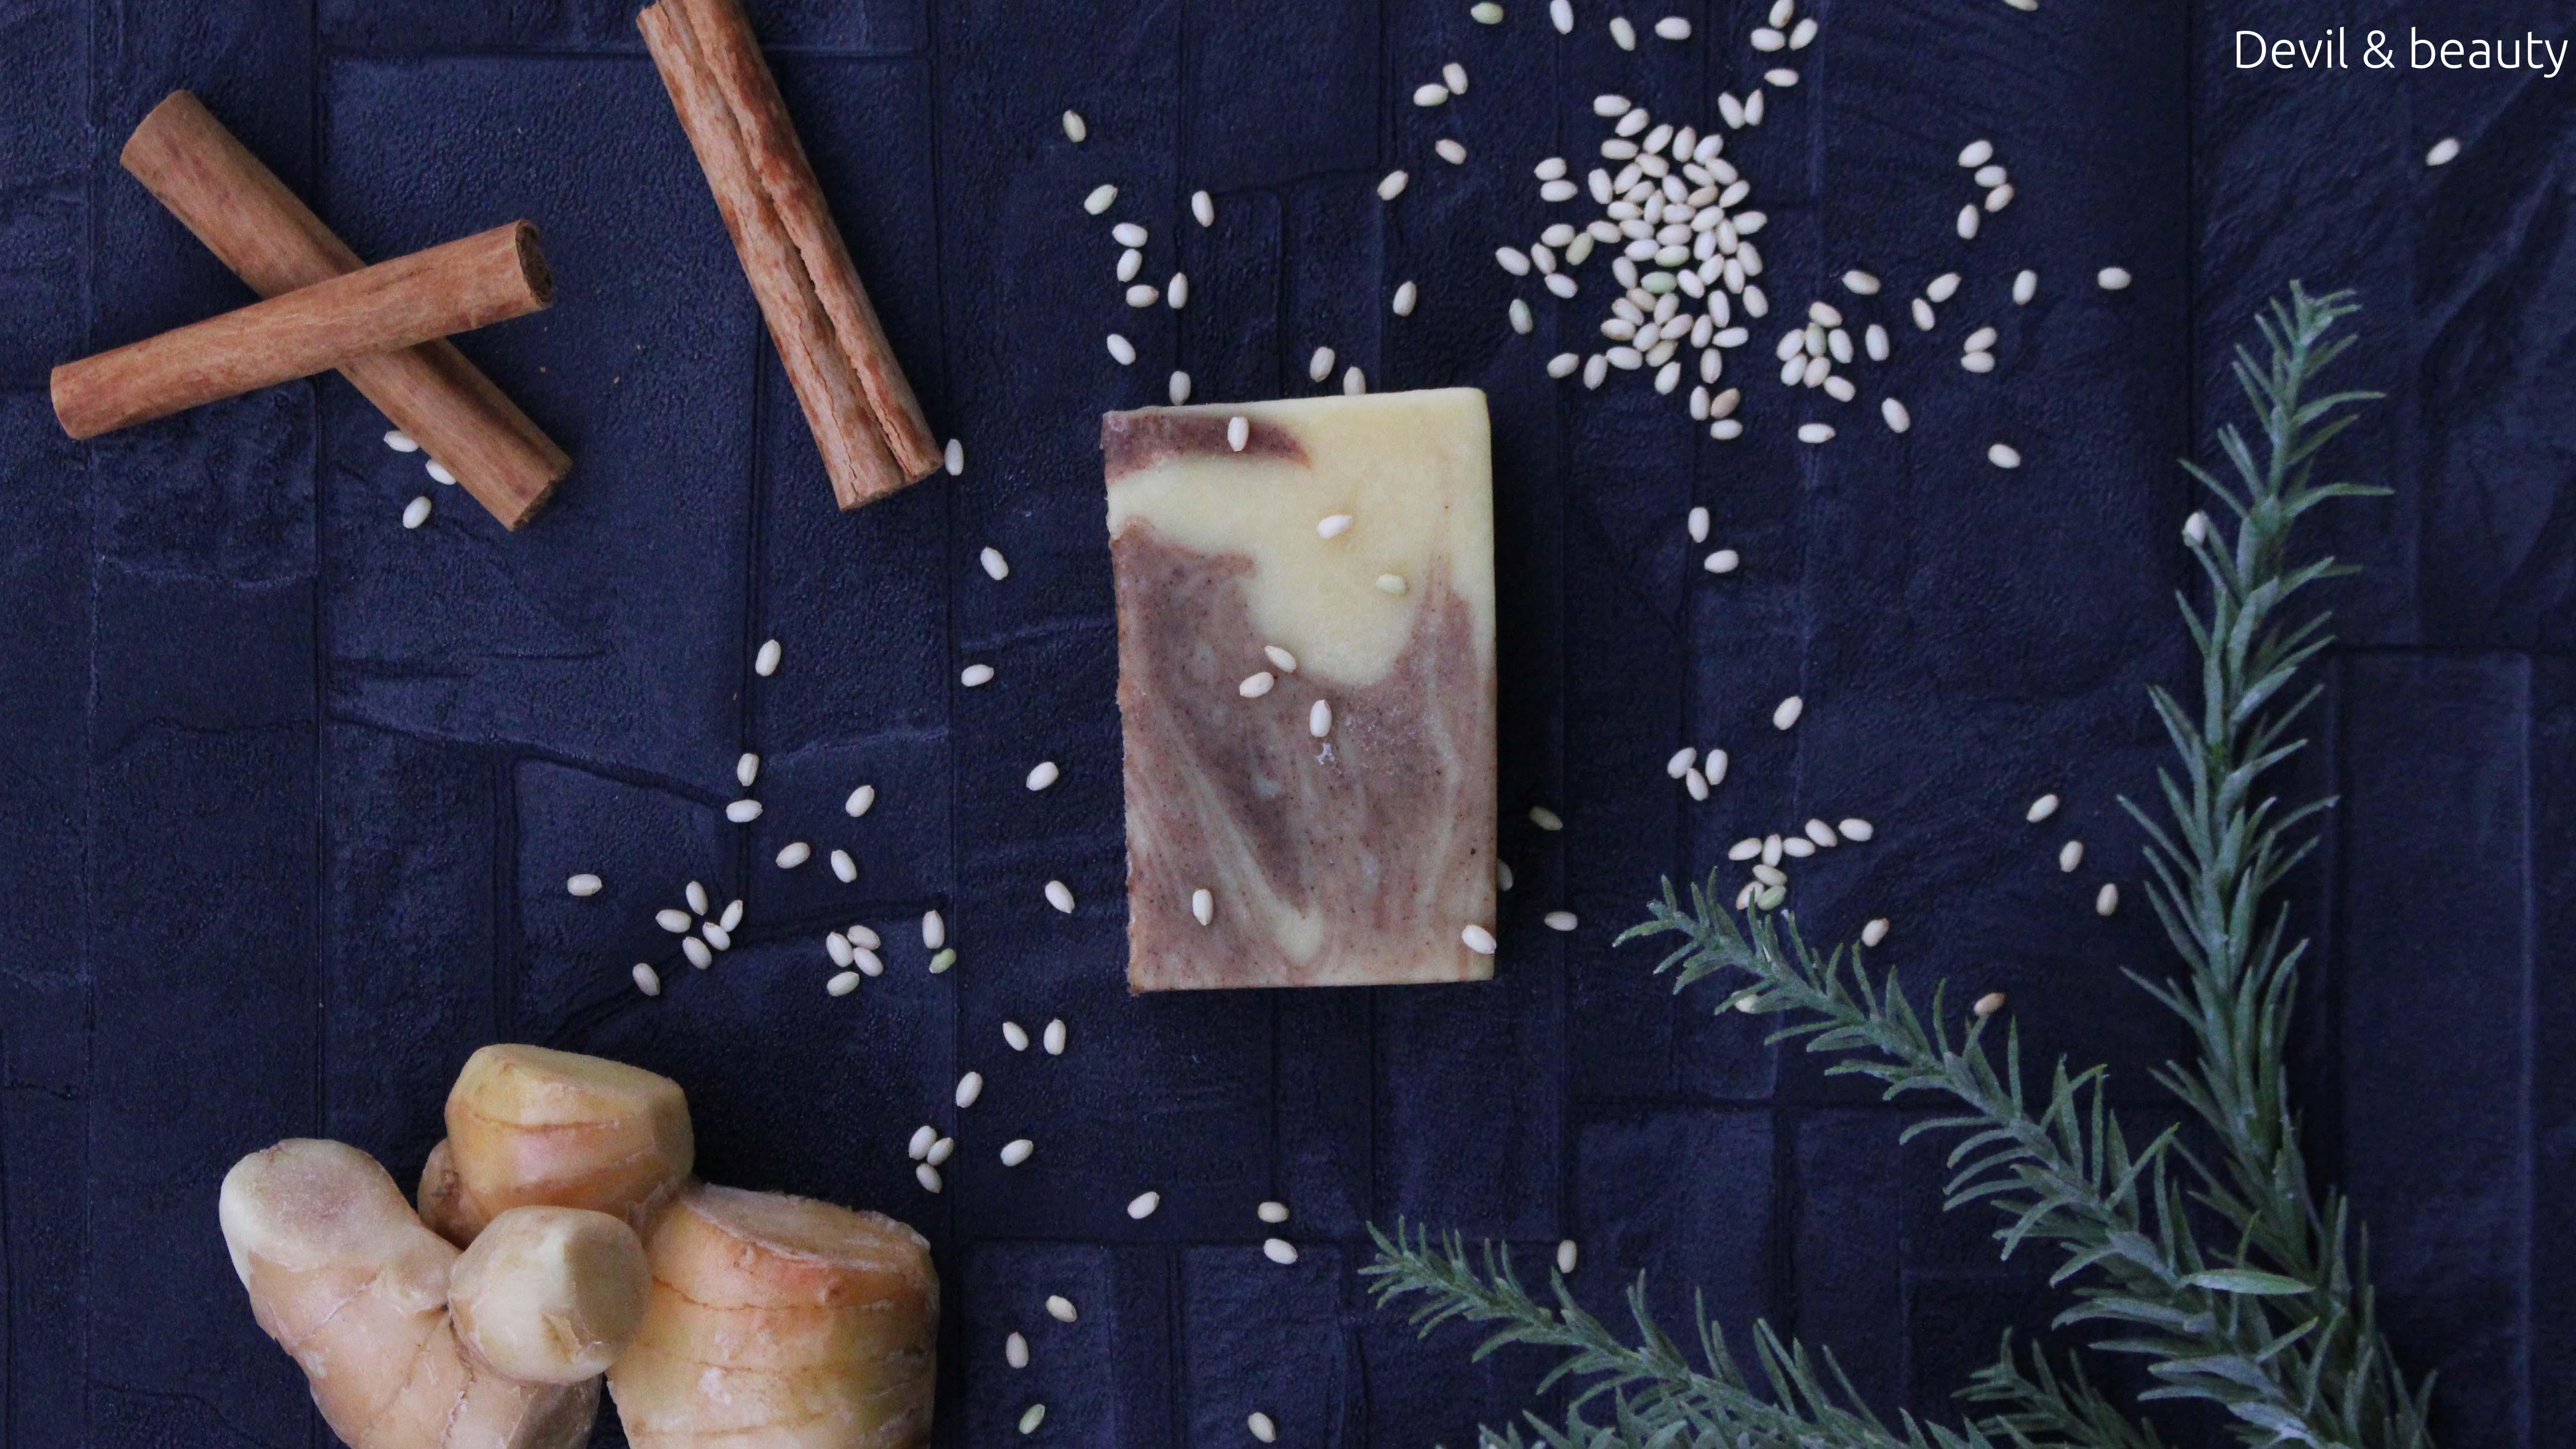 moon-soap-malaika2 - image